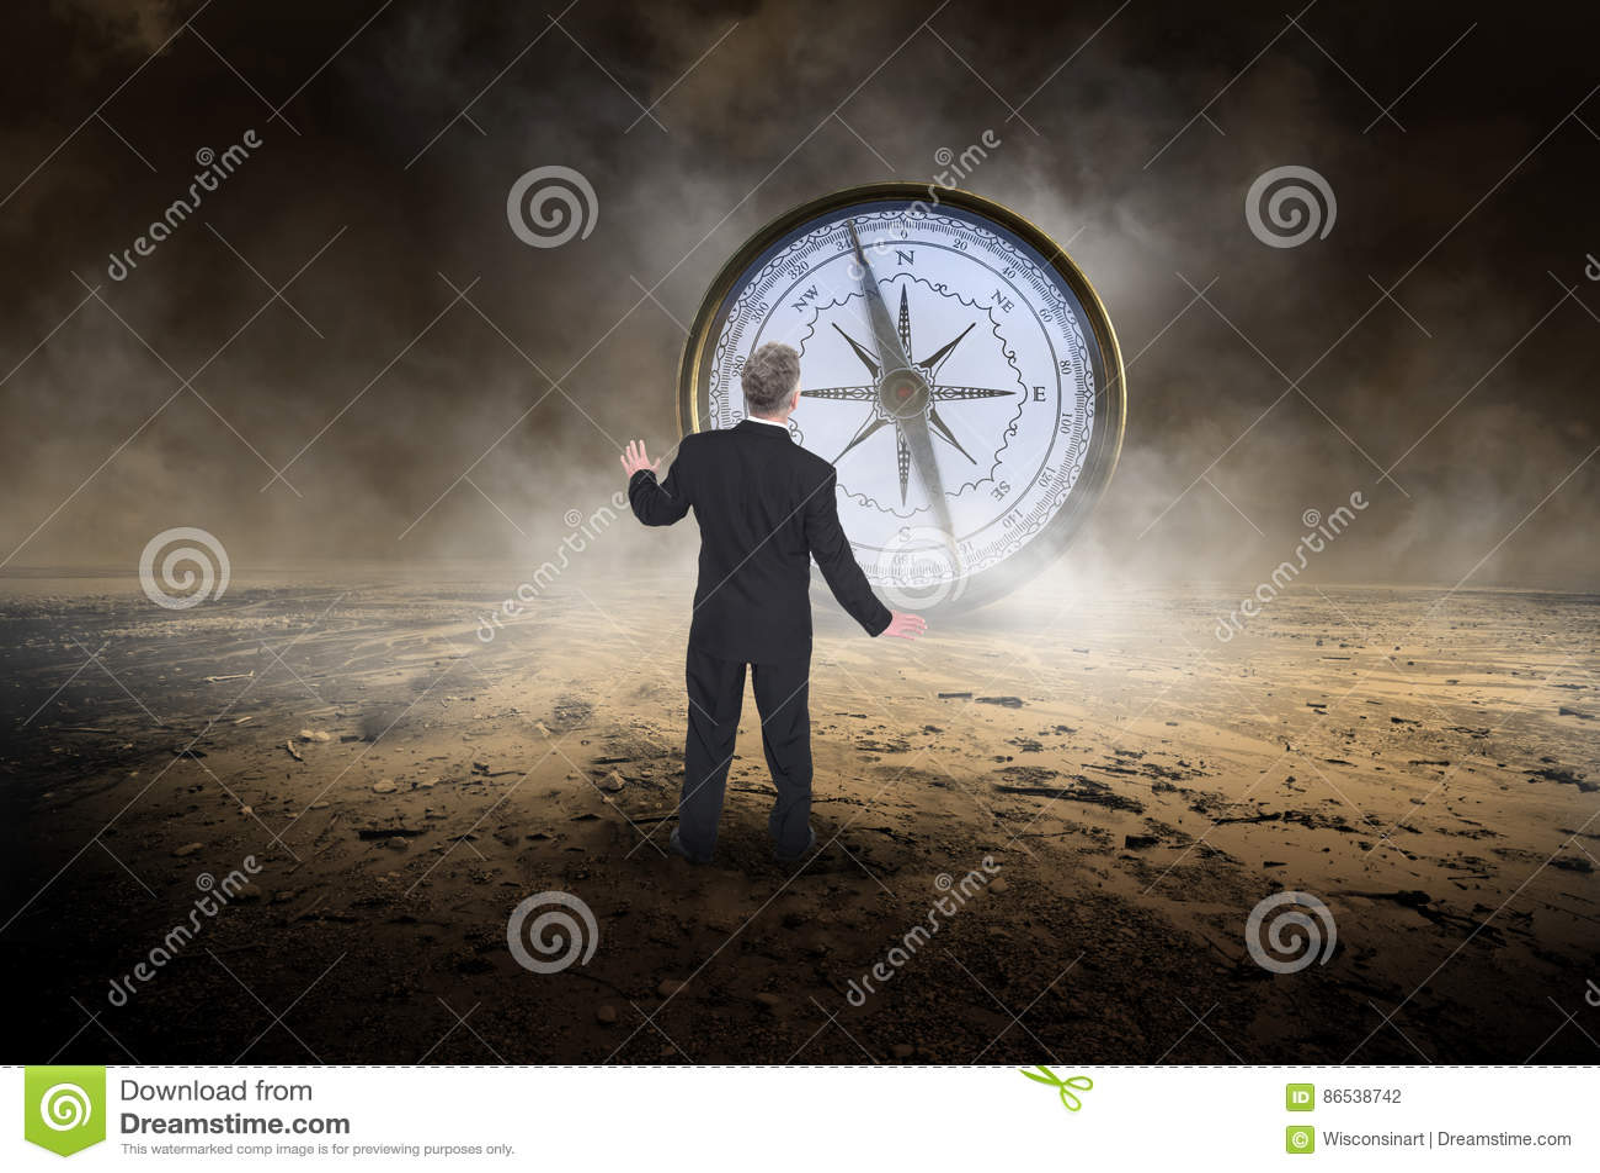 Business Compass, Sales, Goals, Marketing